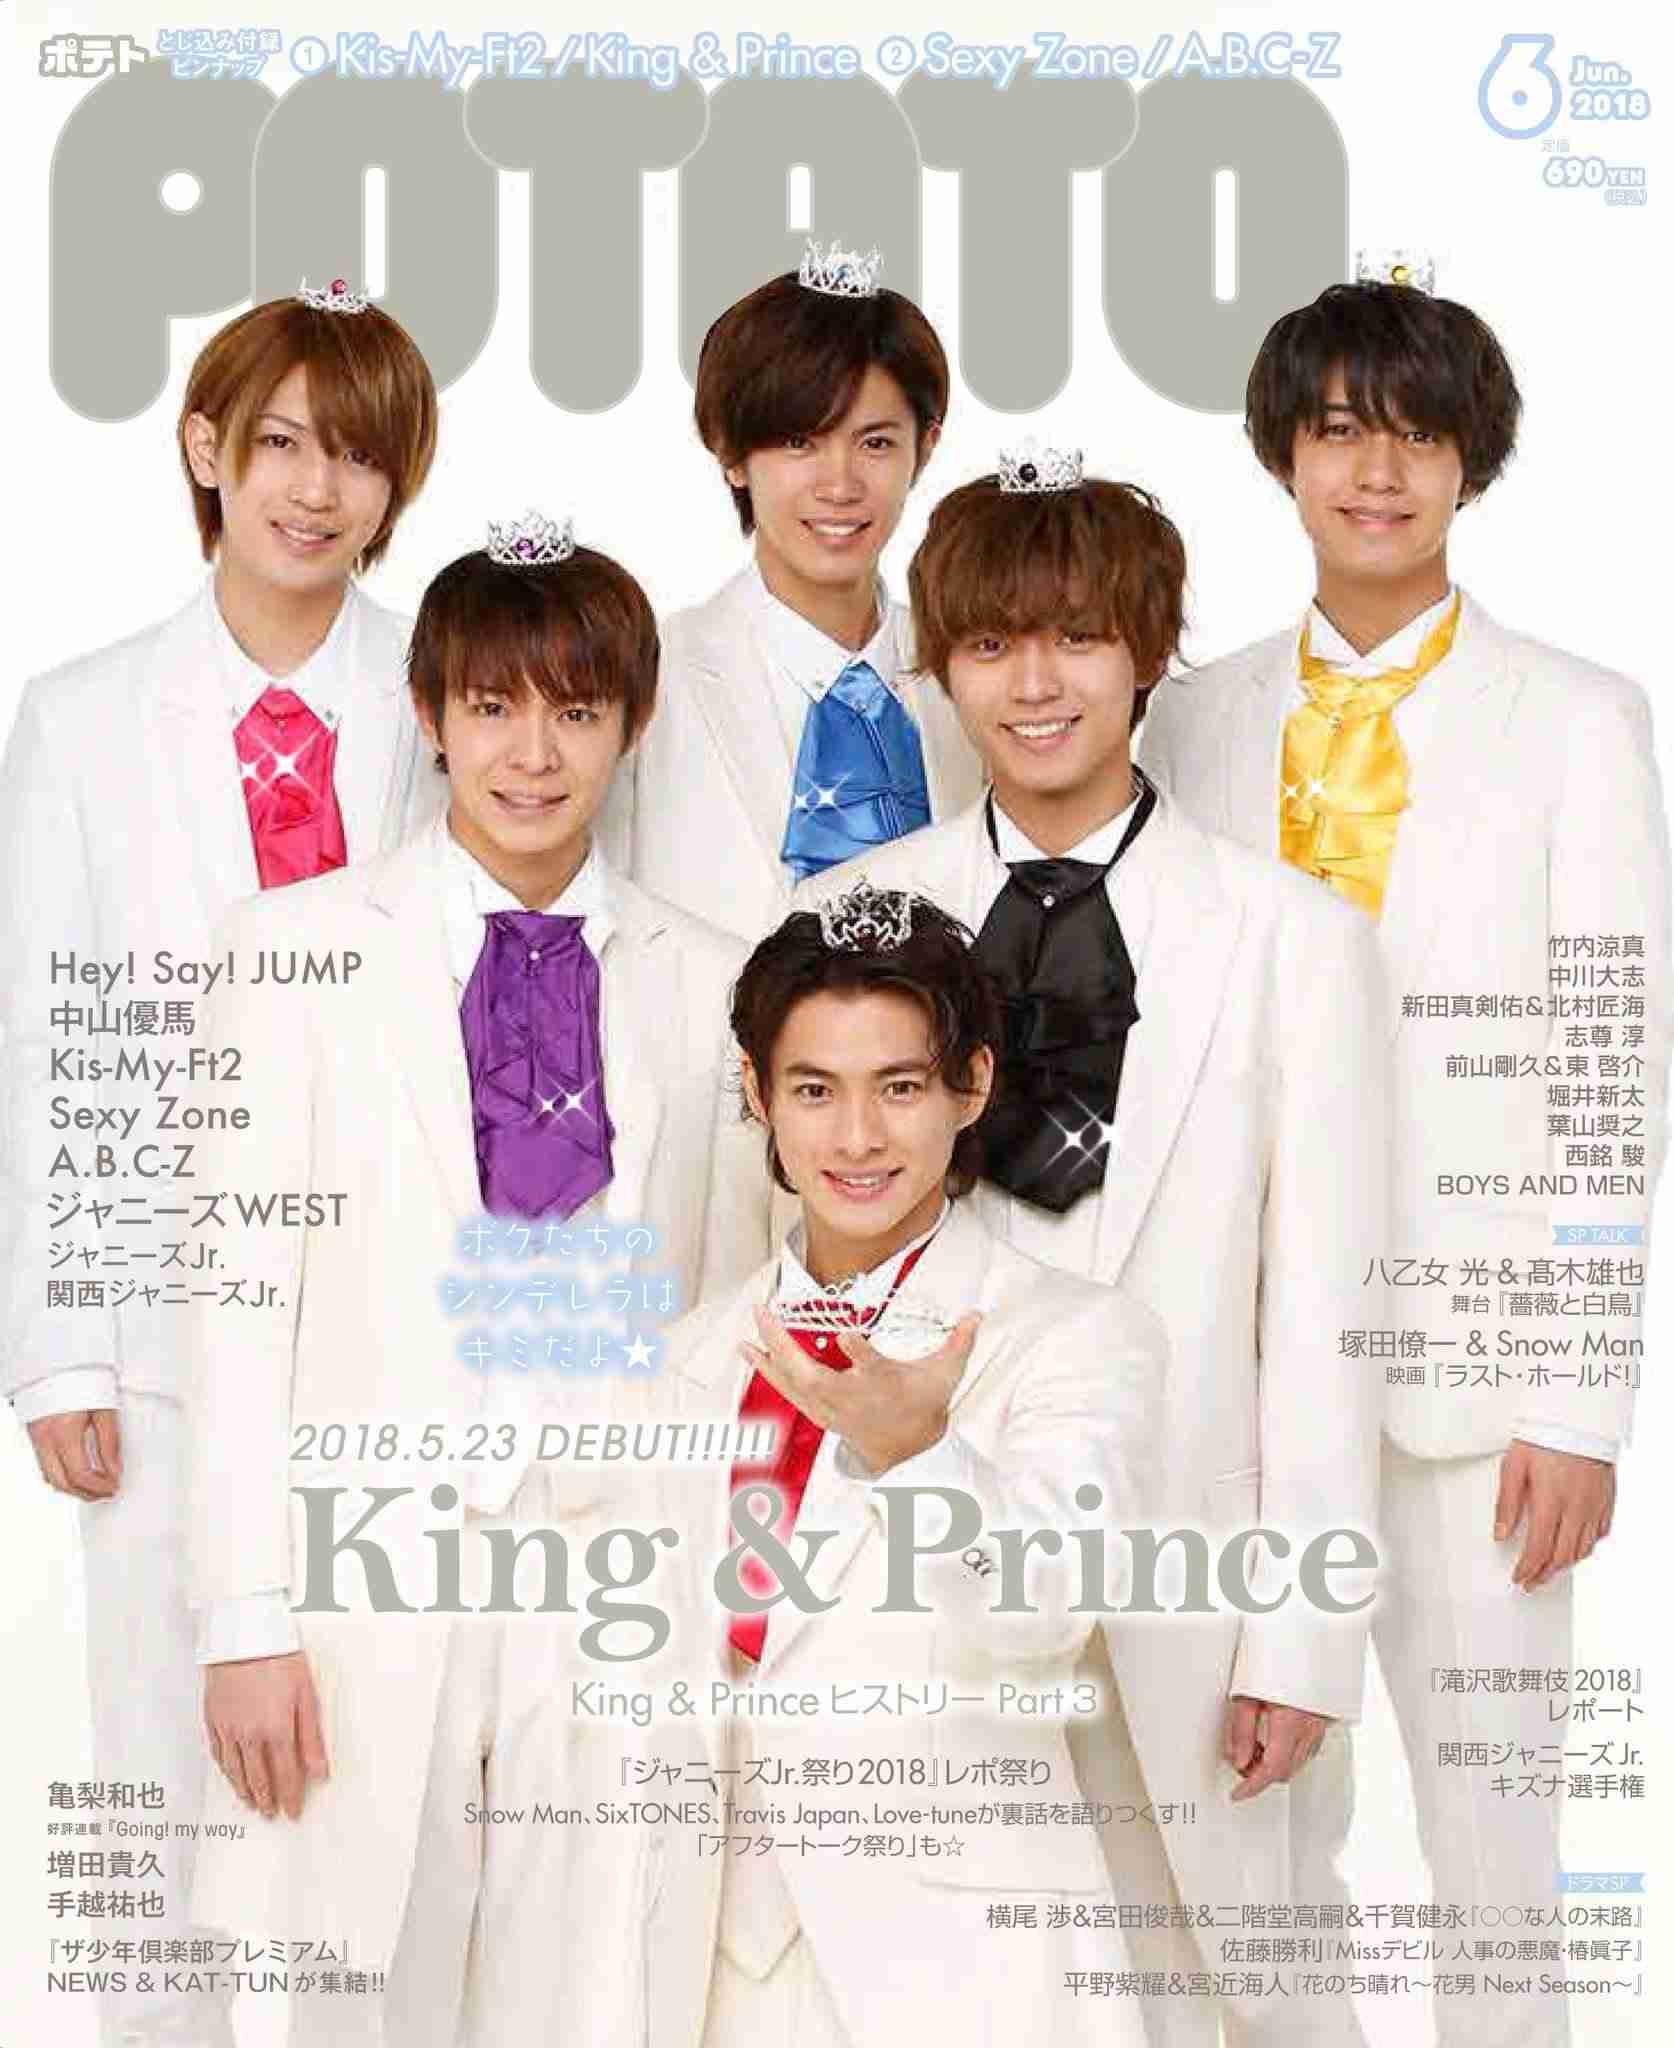 キンプリ(King & Prince)デビューシングル「シンデレラガール」が1位を獲得